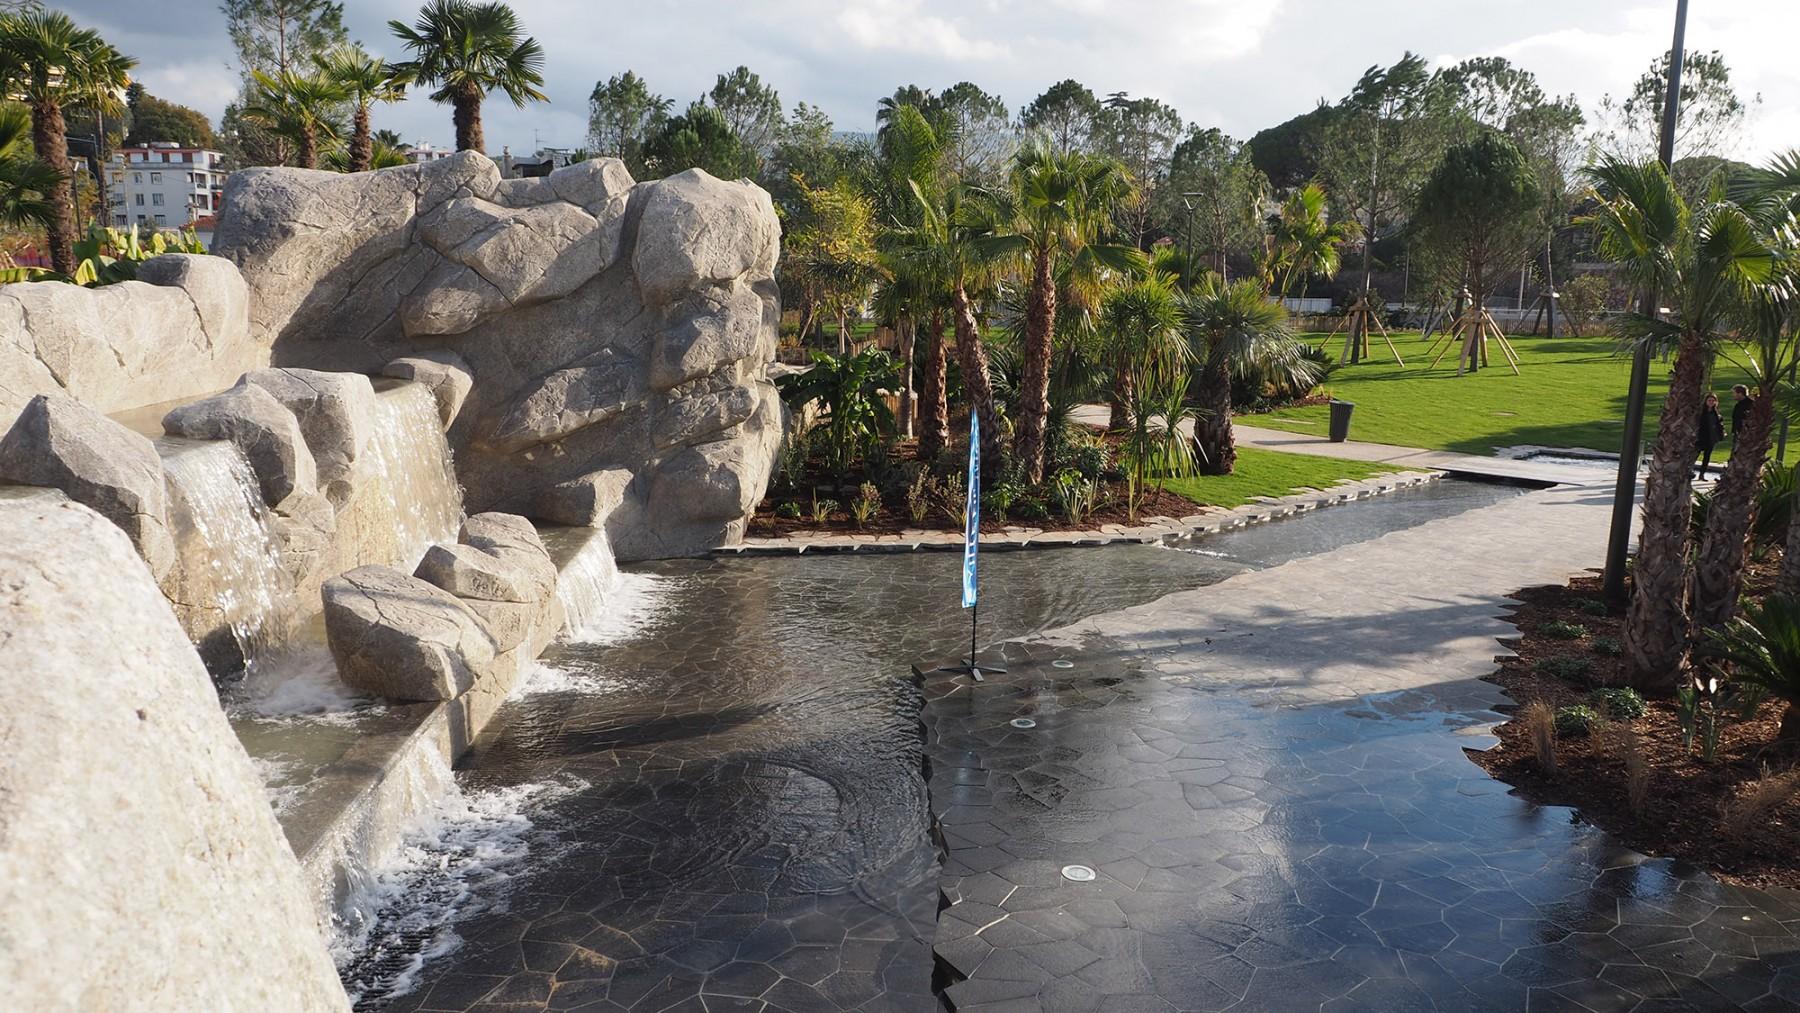 Parc du Ray - Nice - La fontaine et son ruban d